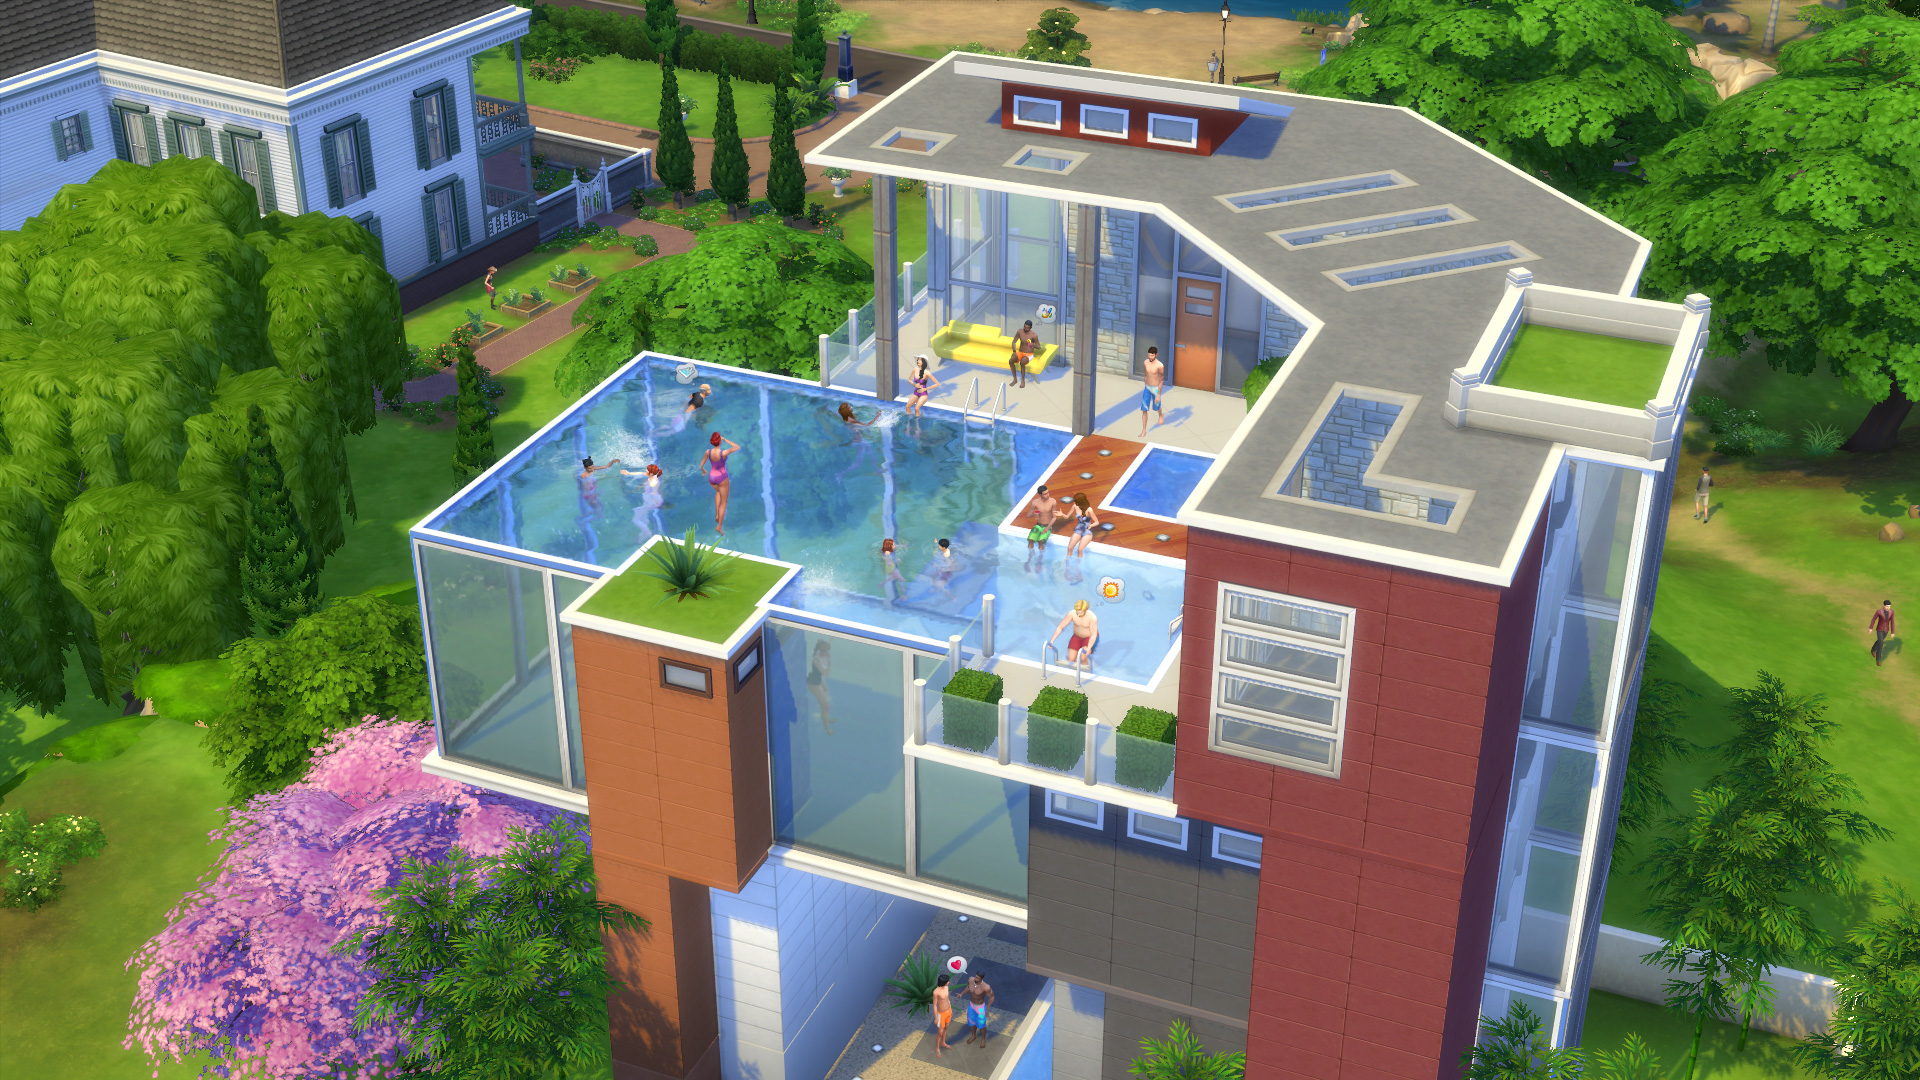 Alle infos ersteindruck zu den pools in die sims 4 for Modernes haus sims 4